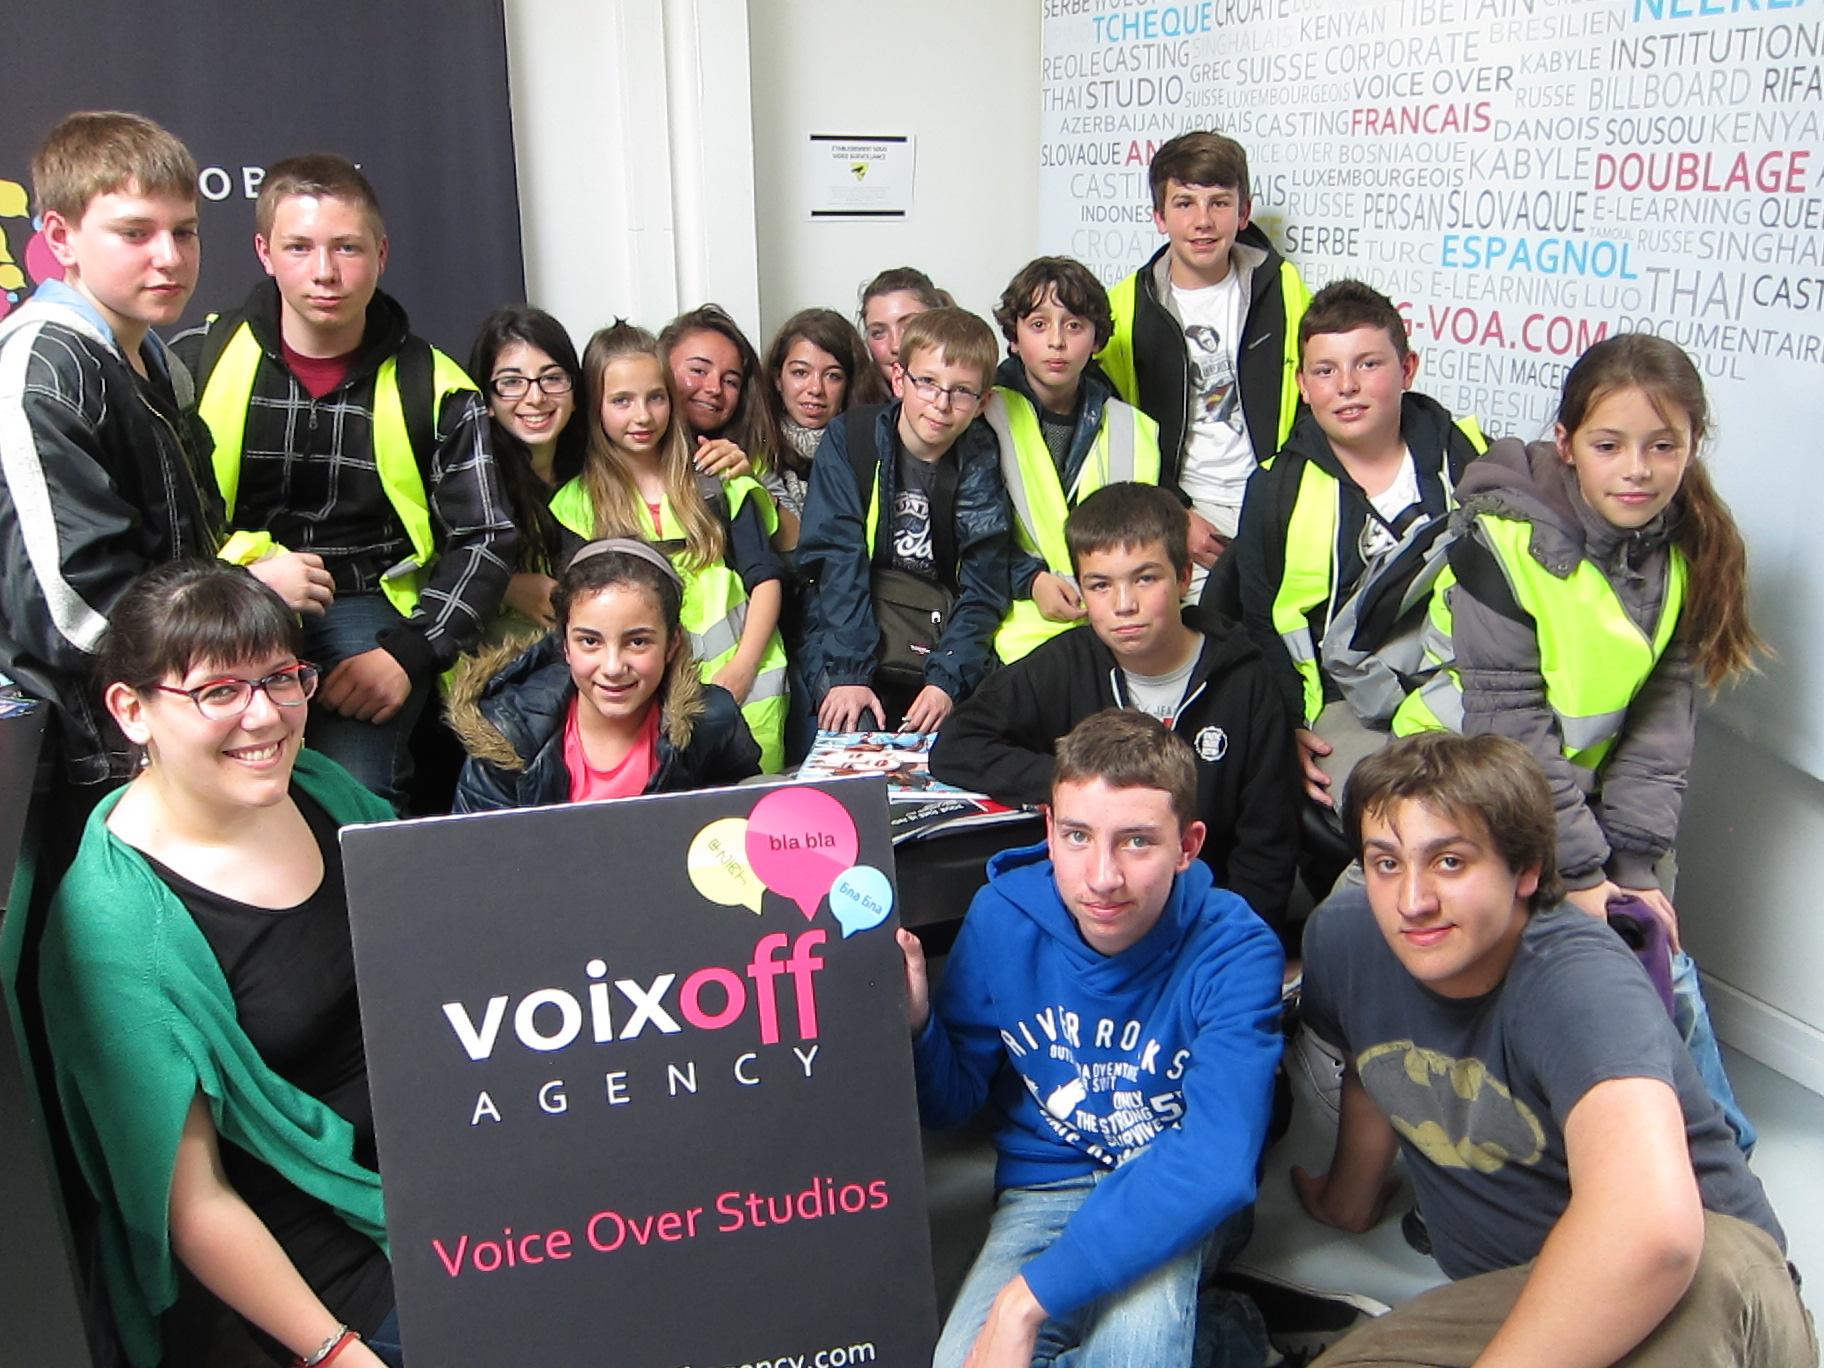 Visite Studios VOA - Compagnie Anoki